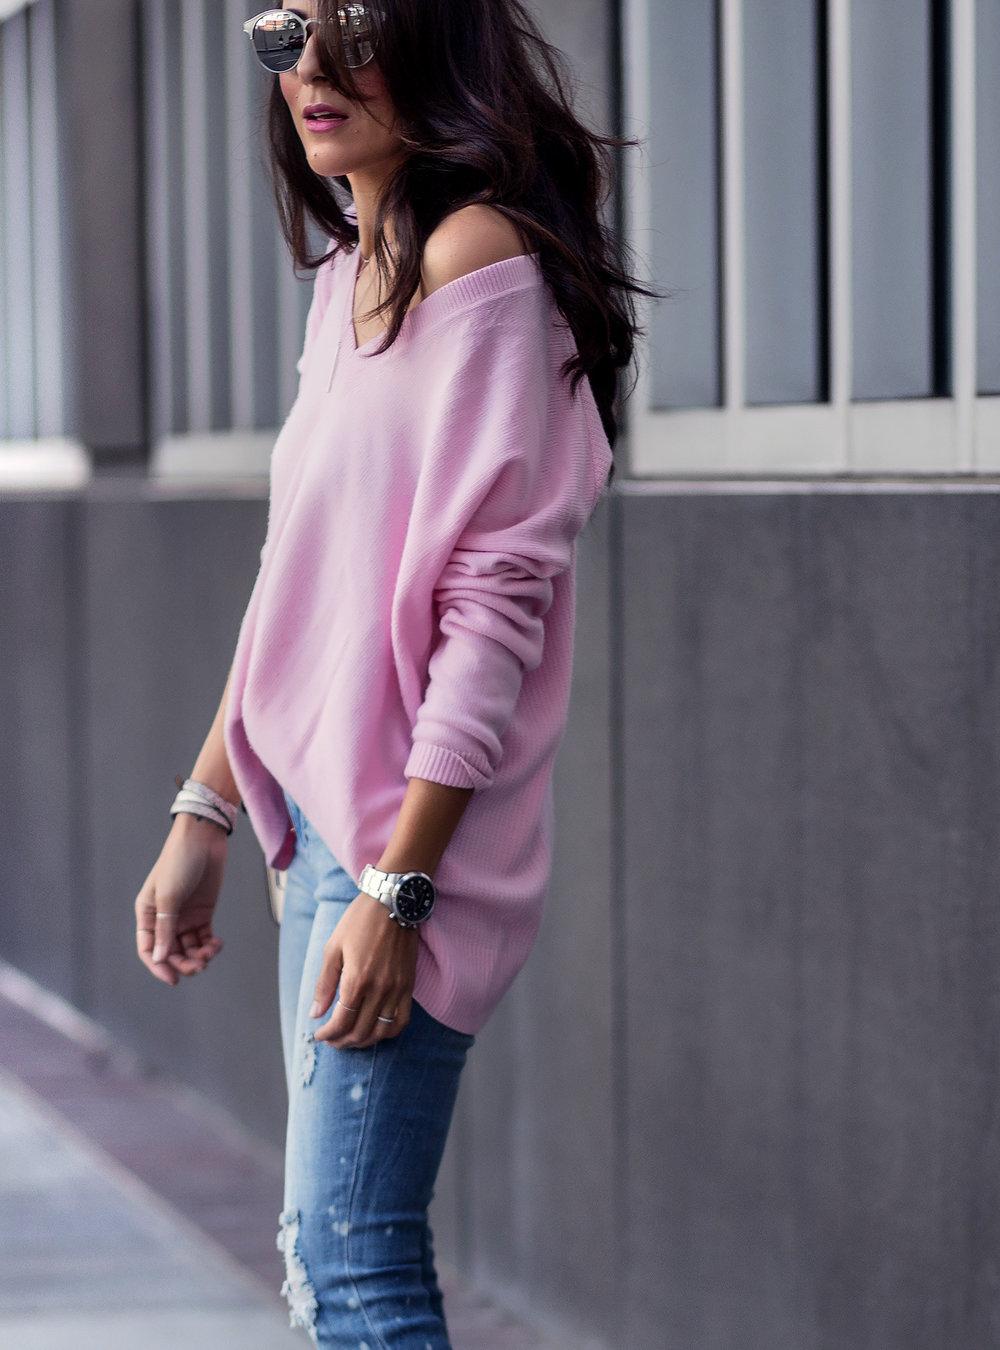 Pink_Sweater_Spring_Fashion.jpg